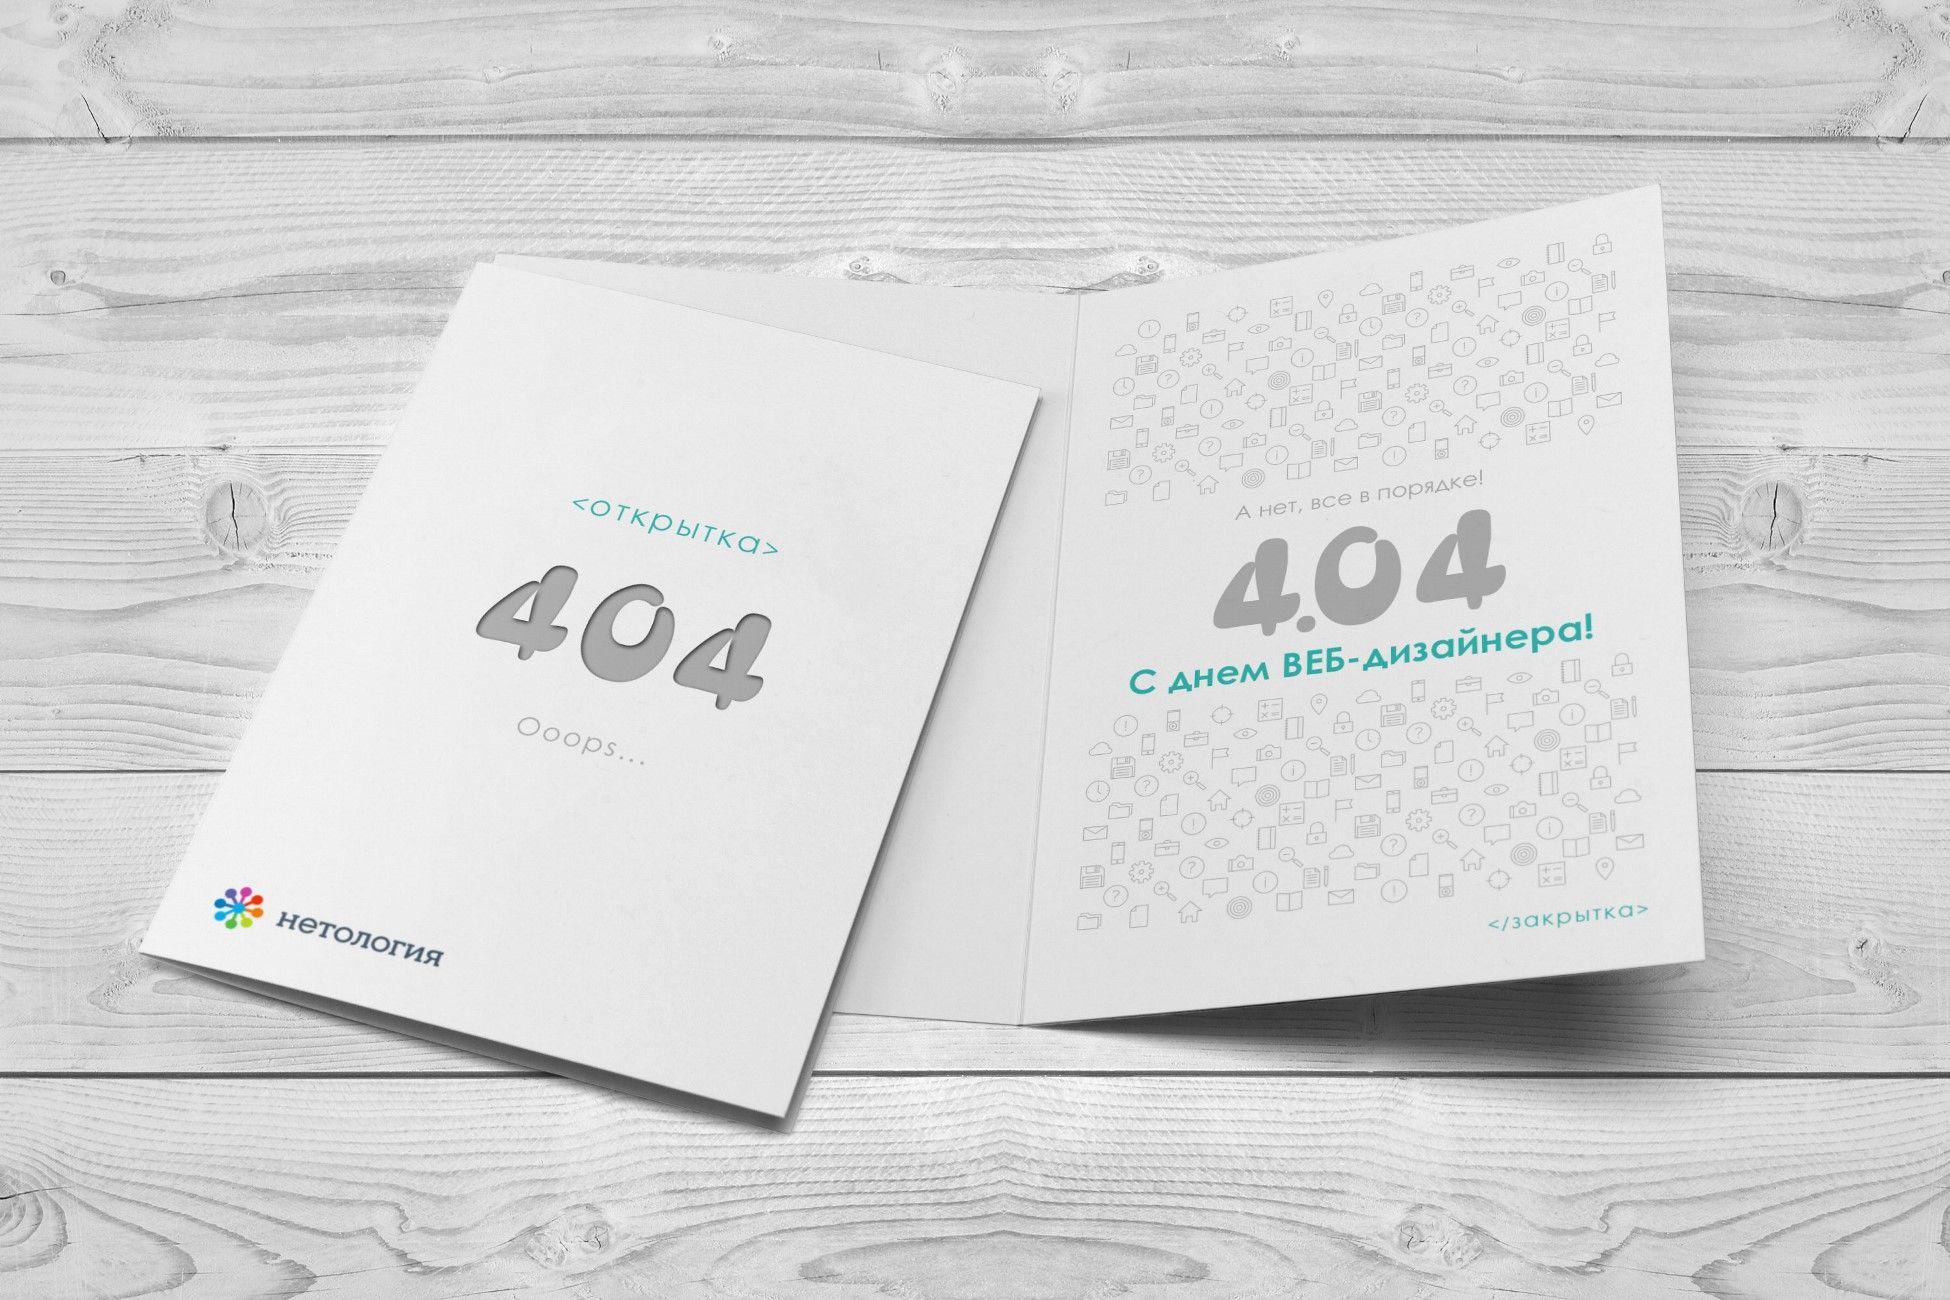 Вакансия дизайн открыток, подписать